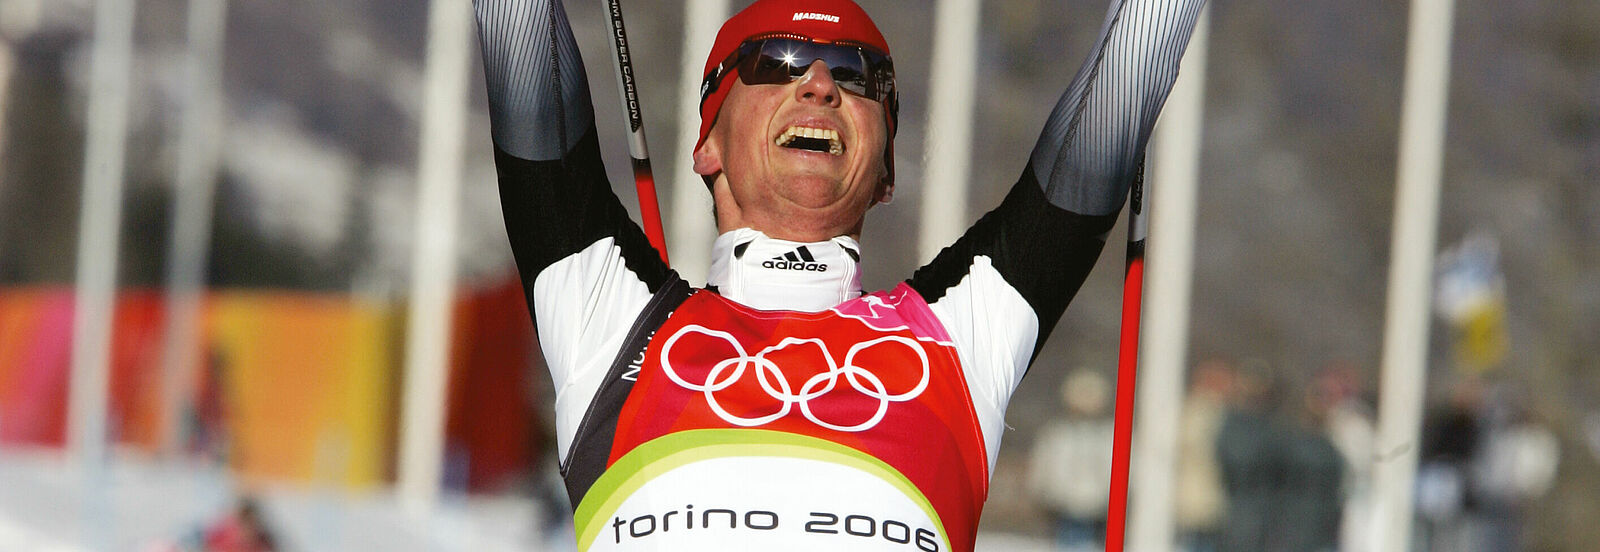 Dr. Georg Hettich: Olympia-Sieg 2006 in Turin in der Nordischen Kombination. Foto: Sammy Minkoff.